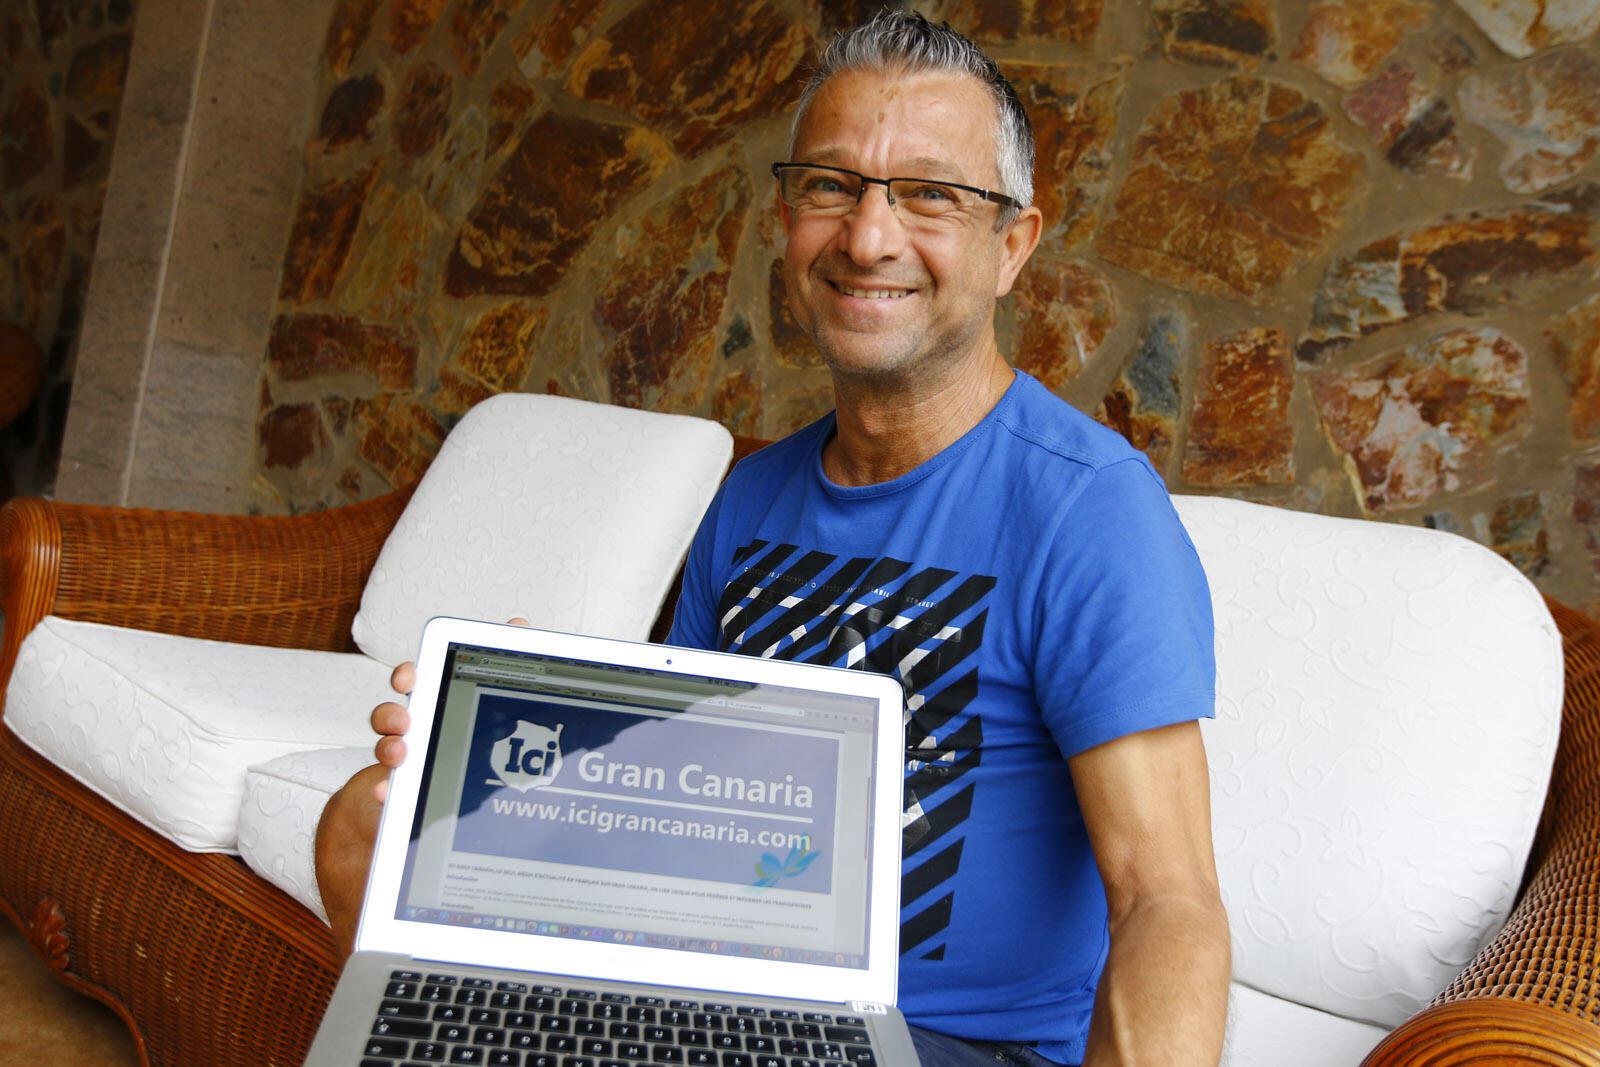 Pierre Salducci, rédacteur en chef du site en français Gran Canaria, est un observateur avisé de la situation actuelle du tourisme dans l'île.